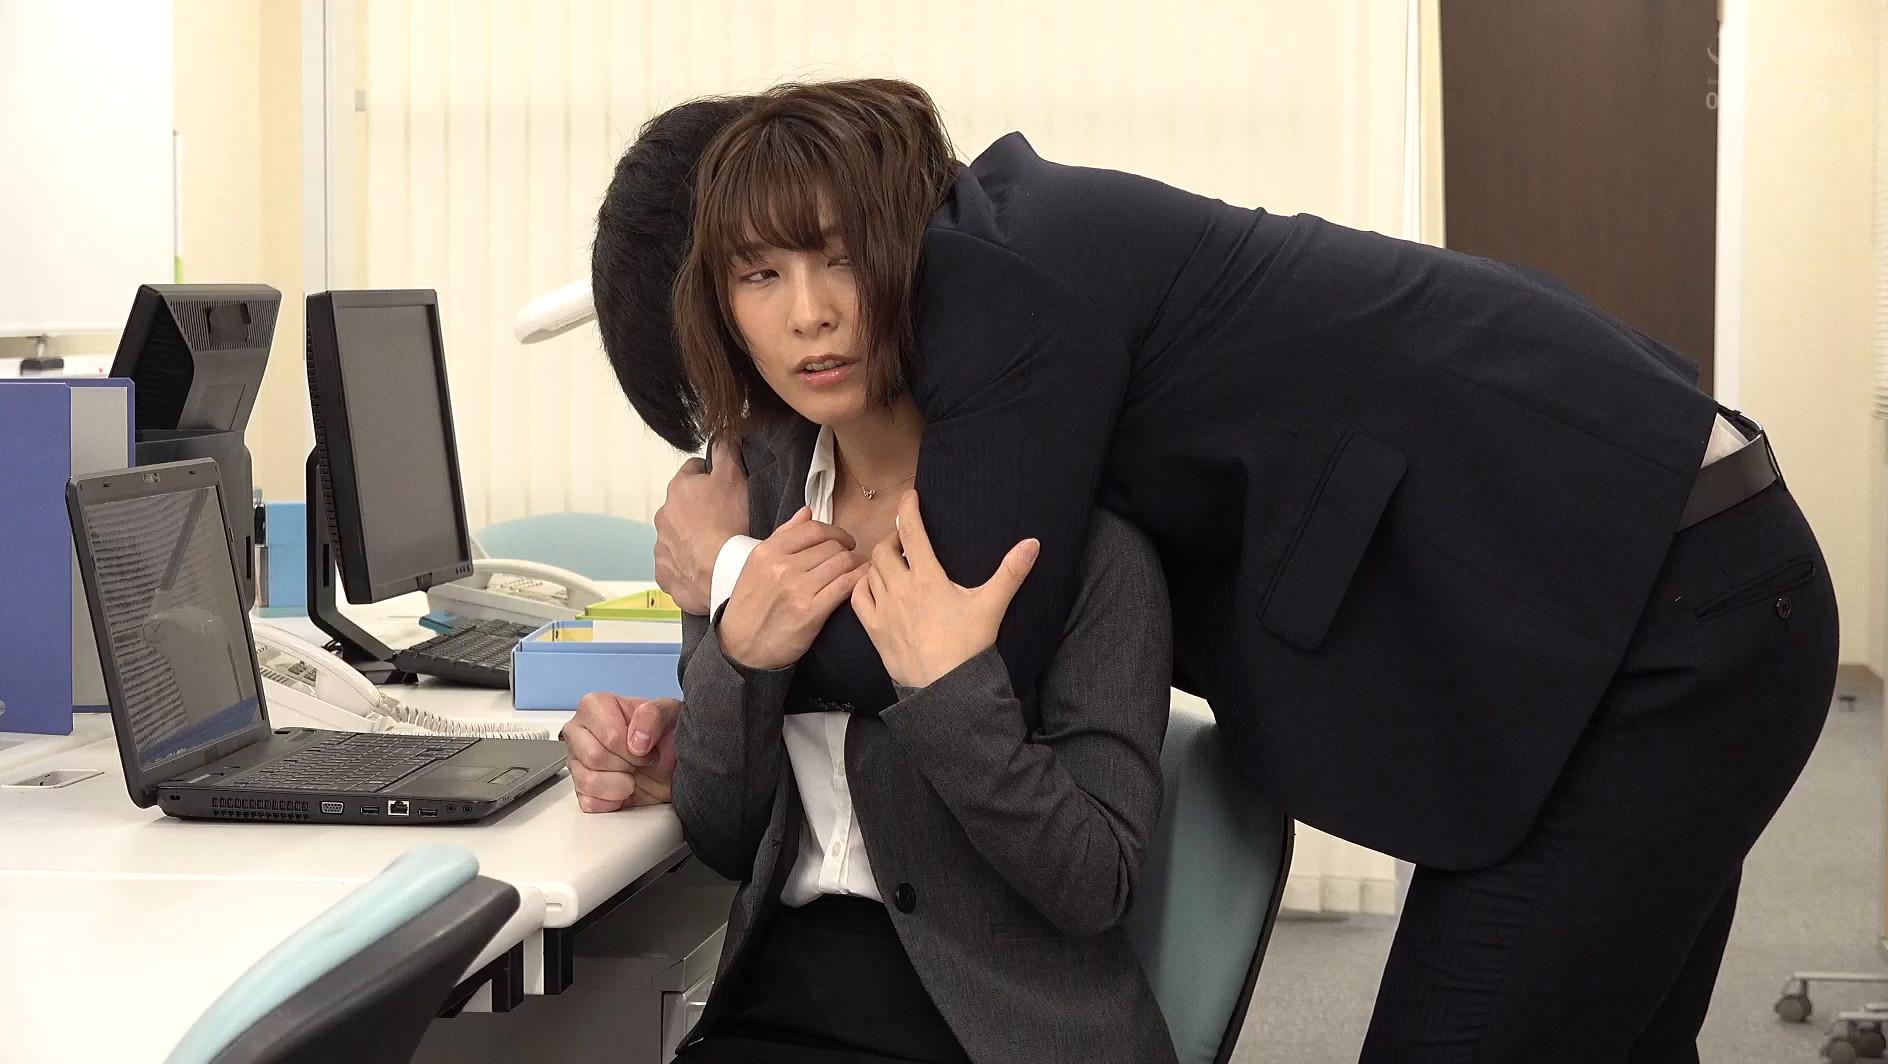 阿部乃みく ミリオン専属 第1弾ドラマ 完全女性上位 執拗に男ヲ責めて悦ぶオンナ 痴女OLはオフィスにて男性上司を堕とし狂わす,のサンプル画像17